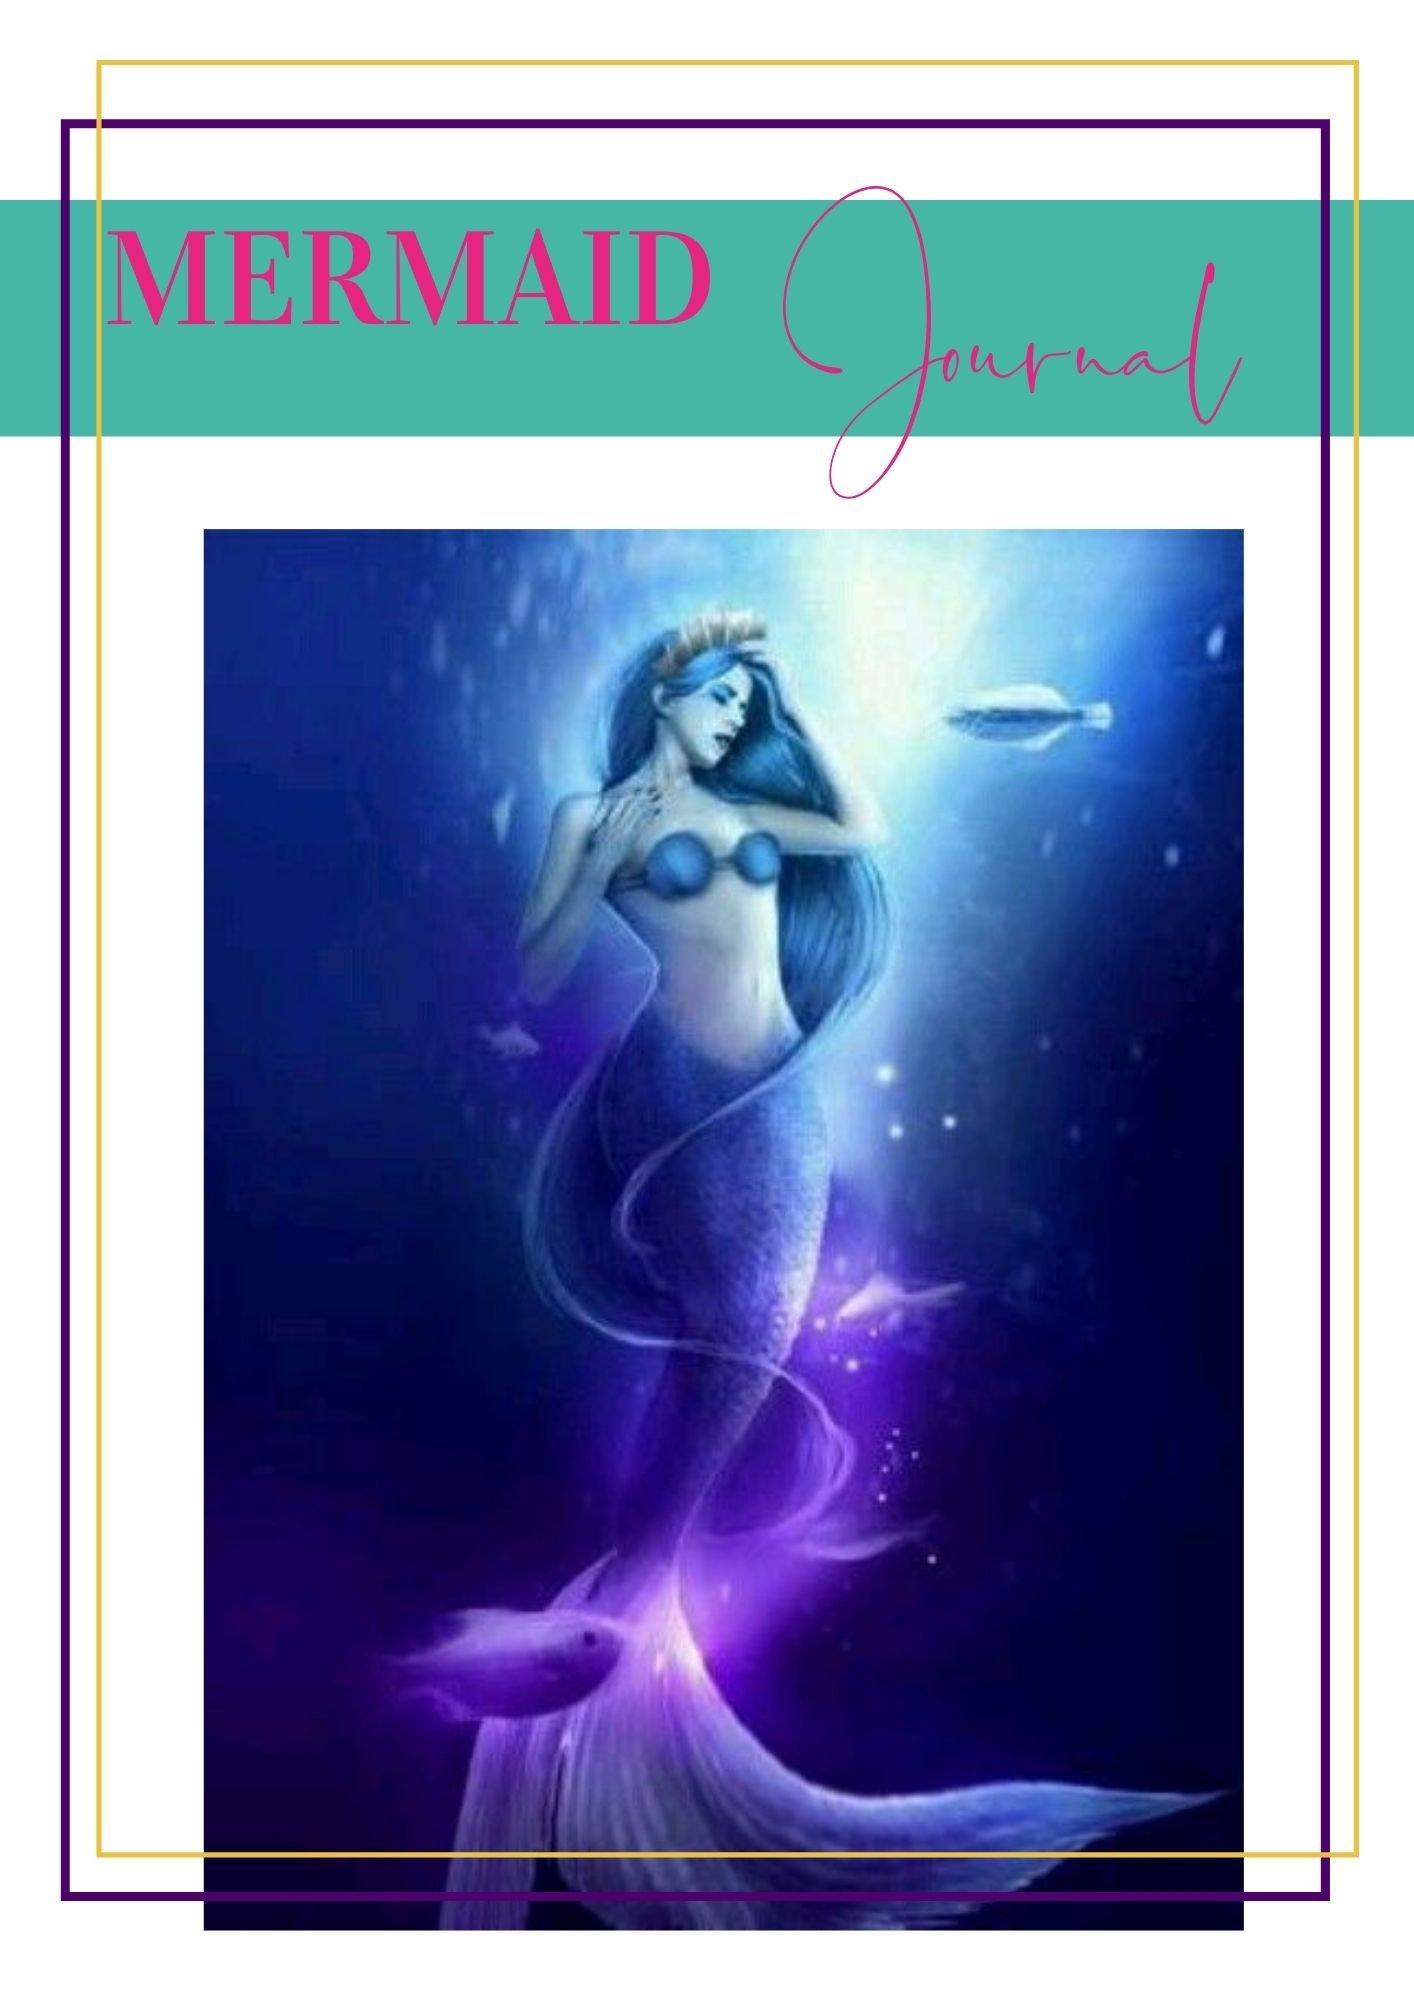 www.trishmckinnly.com/mermaidjournal